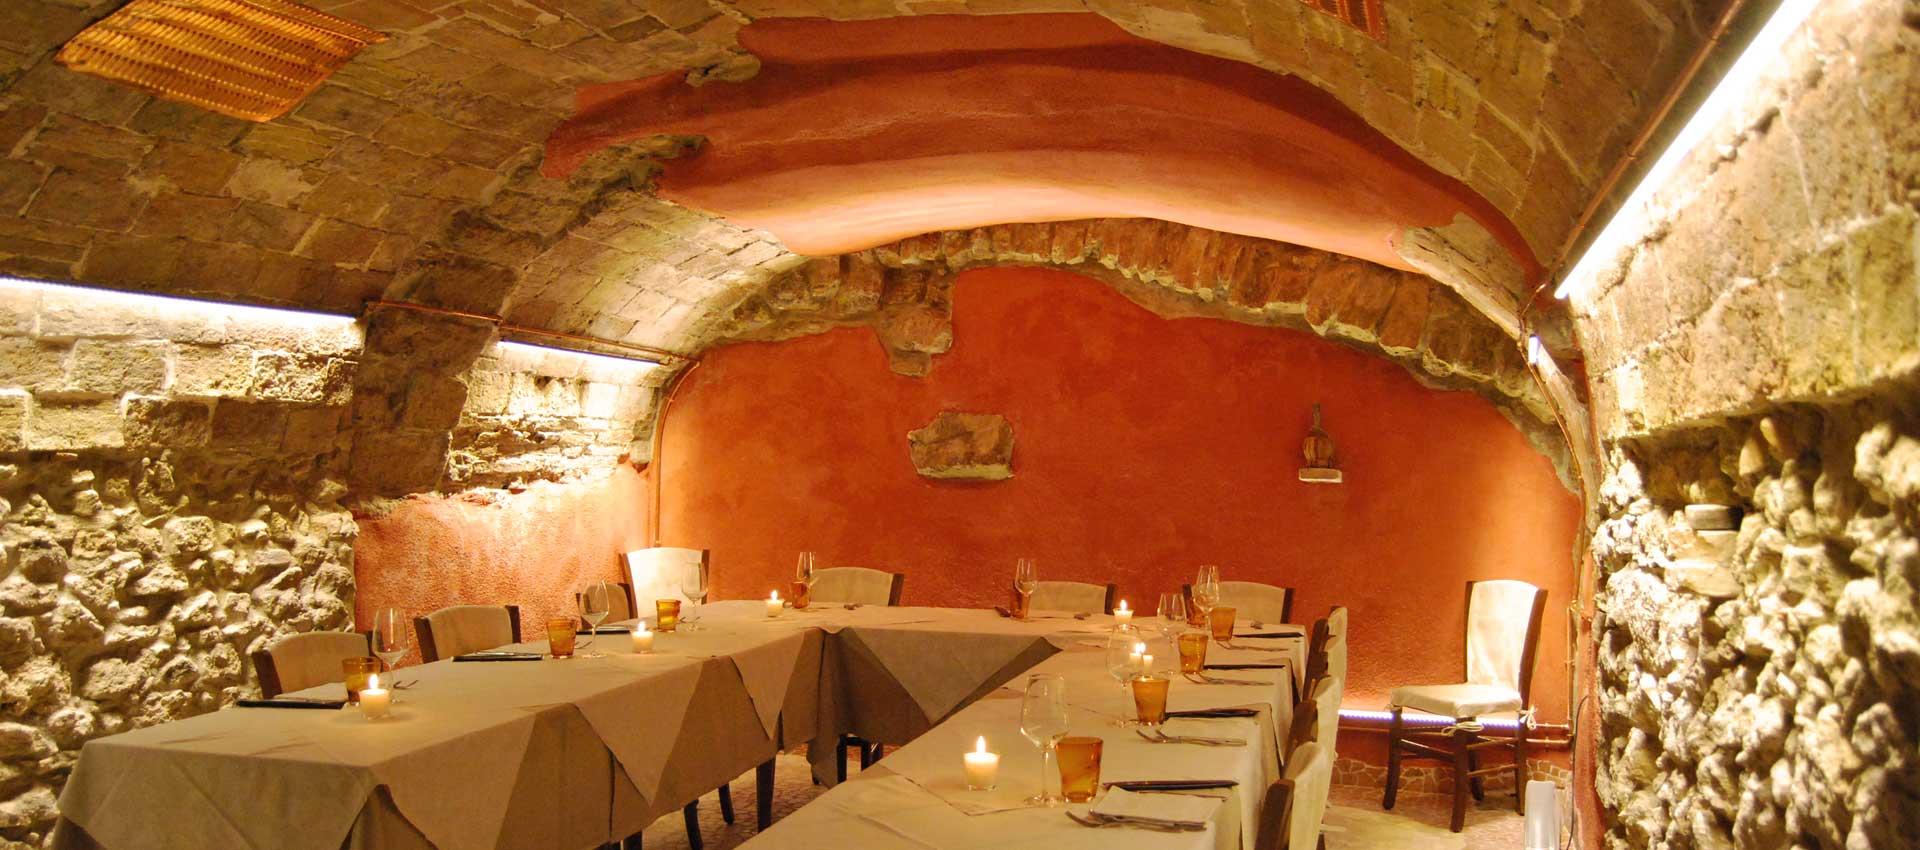 grotta-hotel-da-lino-san-marino-1920x850